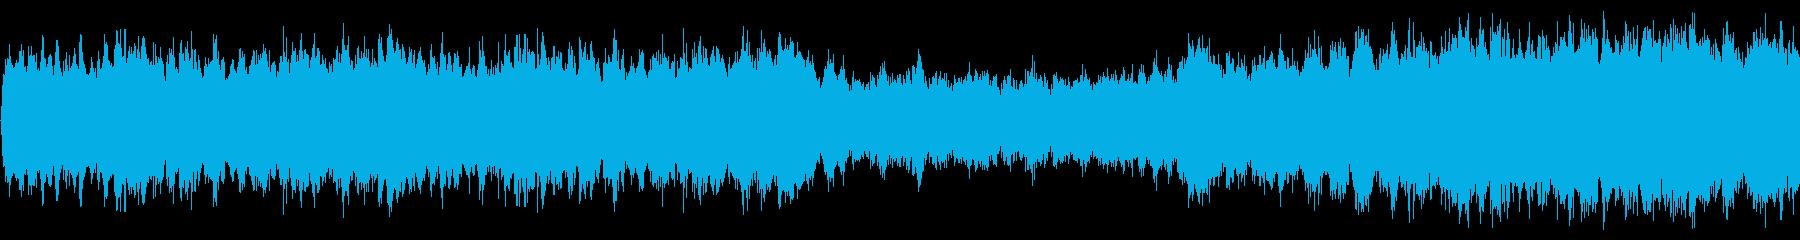 マーチ風の壮麗なオーケストラ曲の再生済みの波形